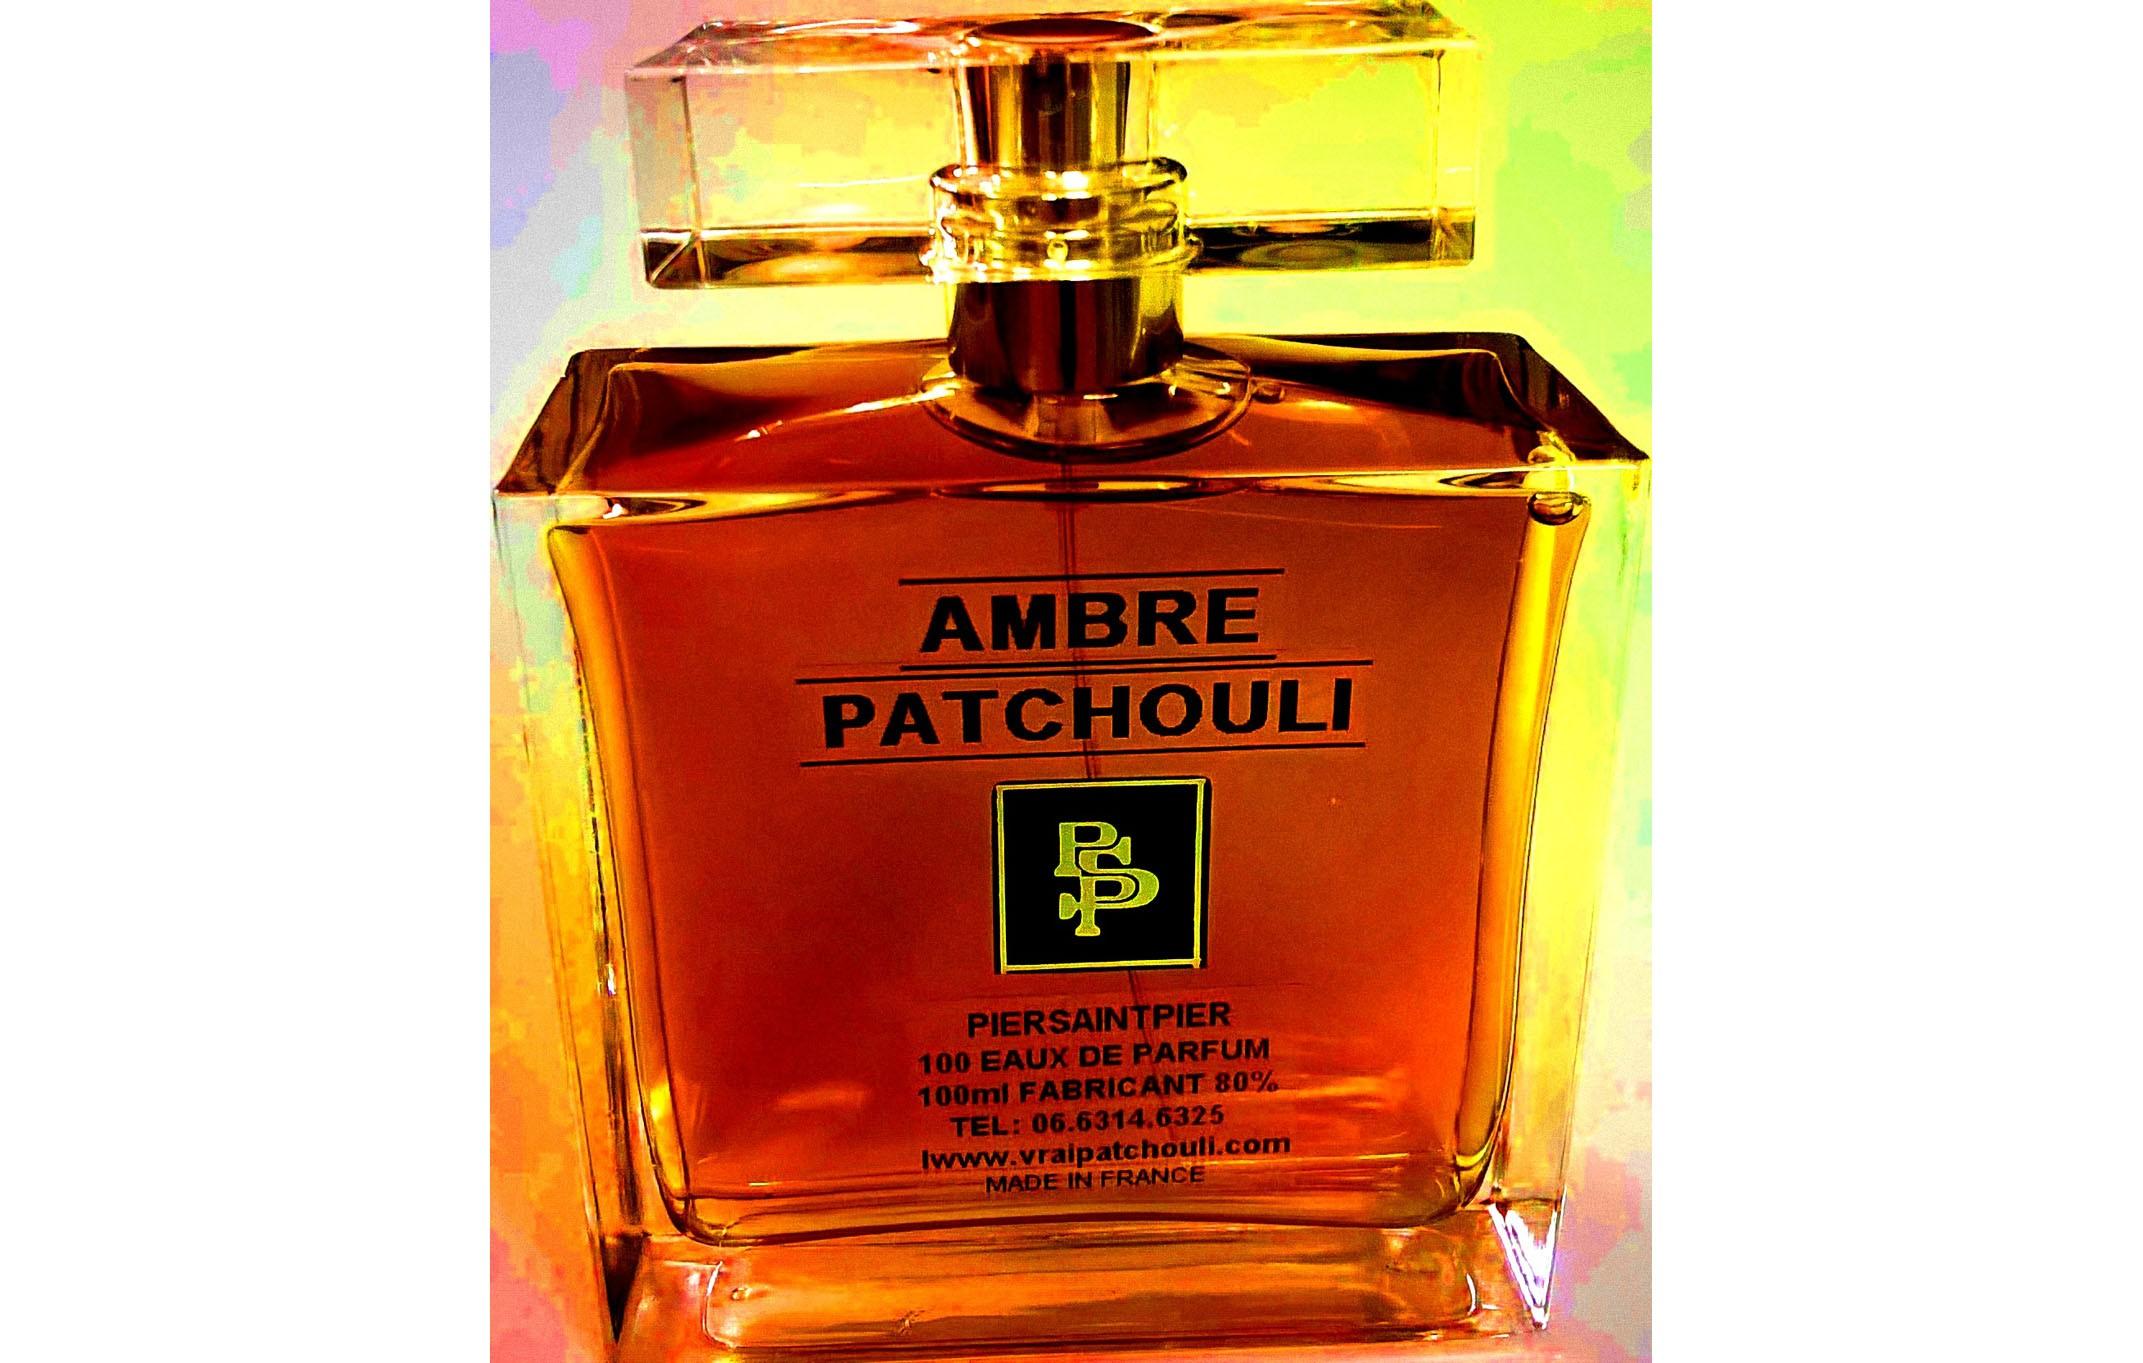 AMBRE PATCHOULI (Flacon Luxe / Sans Boite)